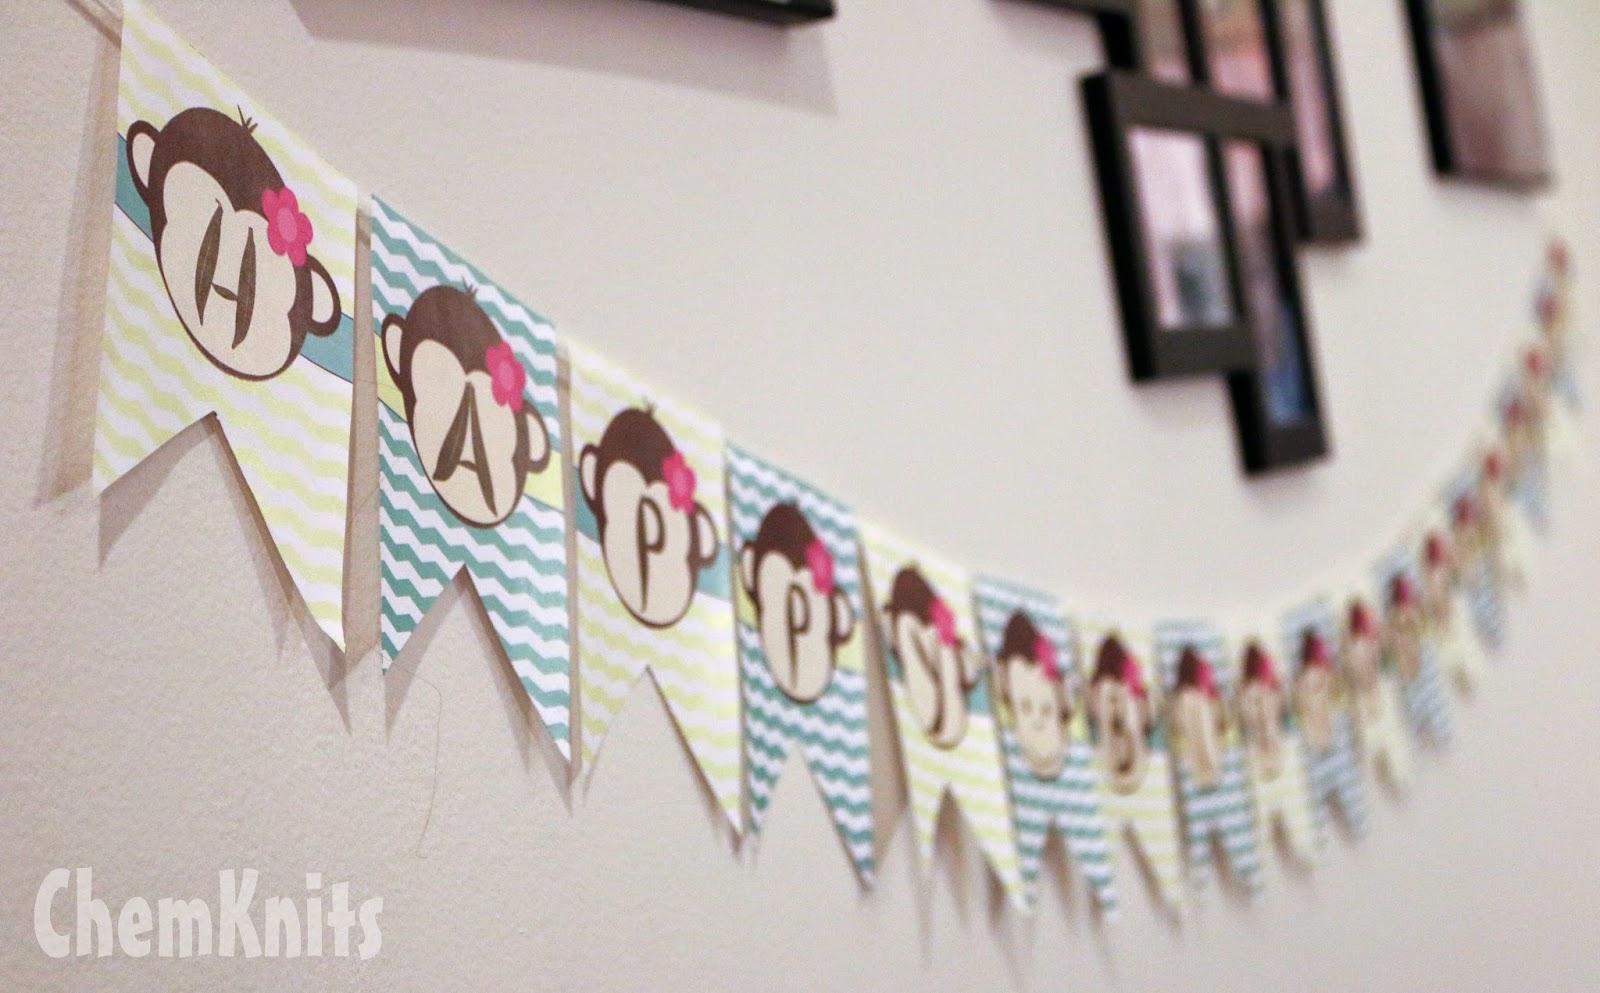 Printable Birthday Banner ~ Chemknits: monkey chevron birthday banner free printable!